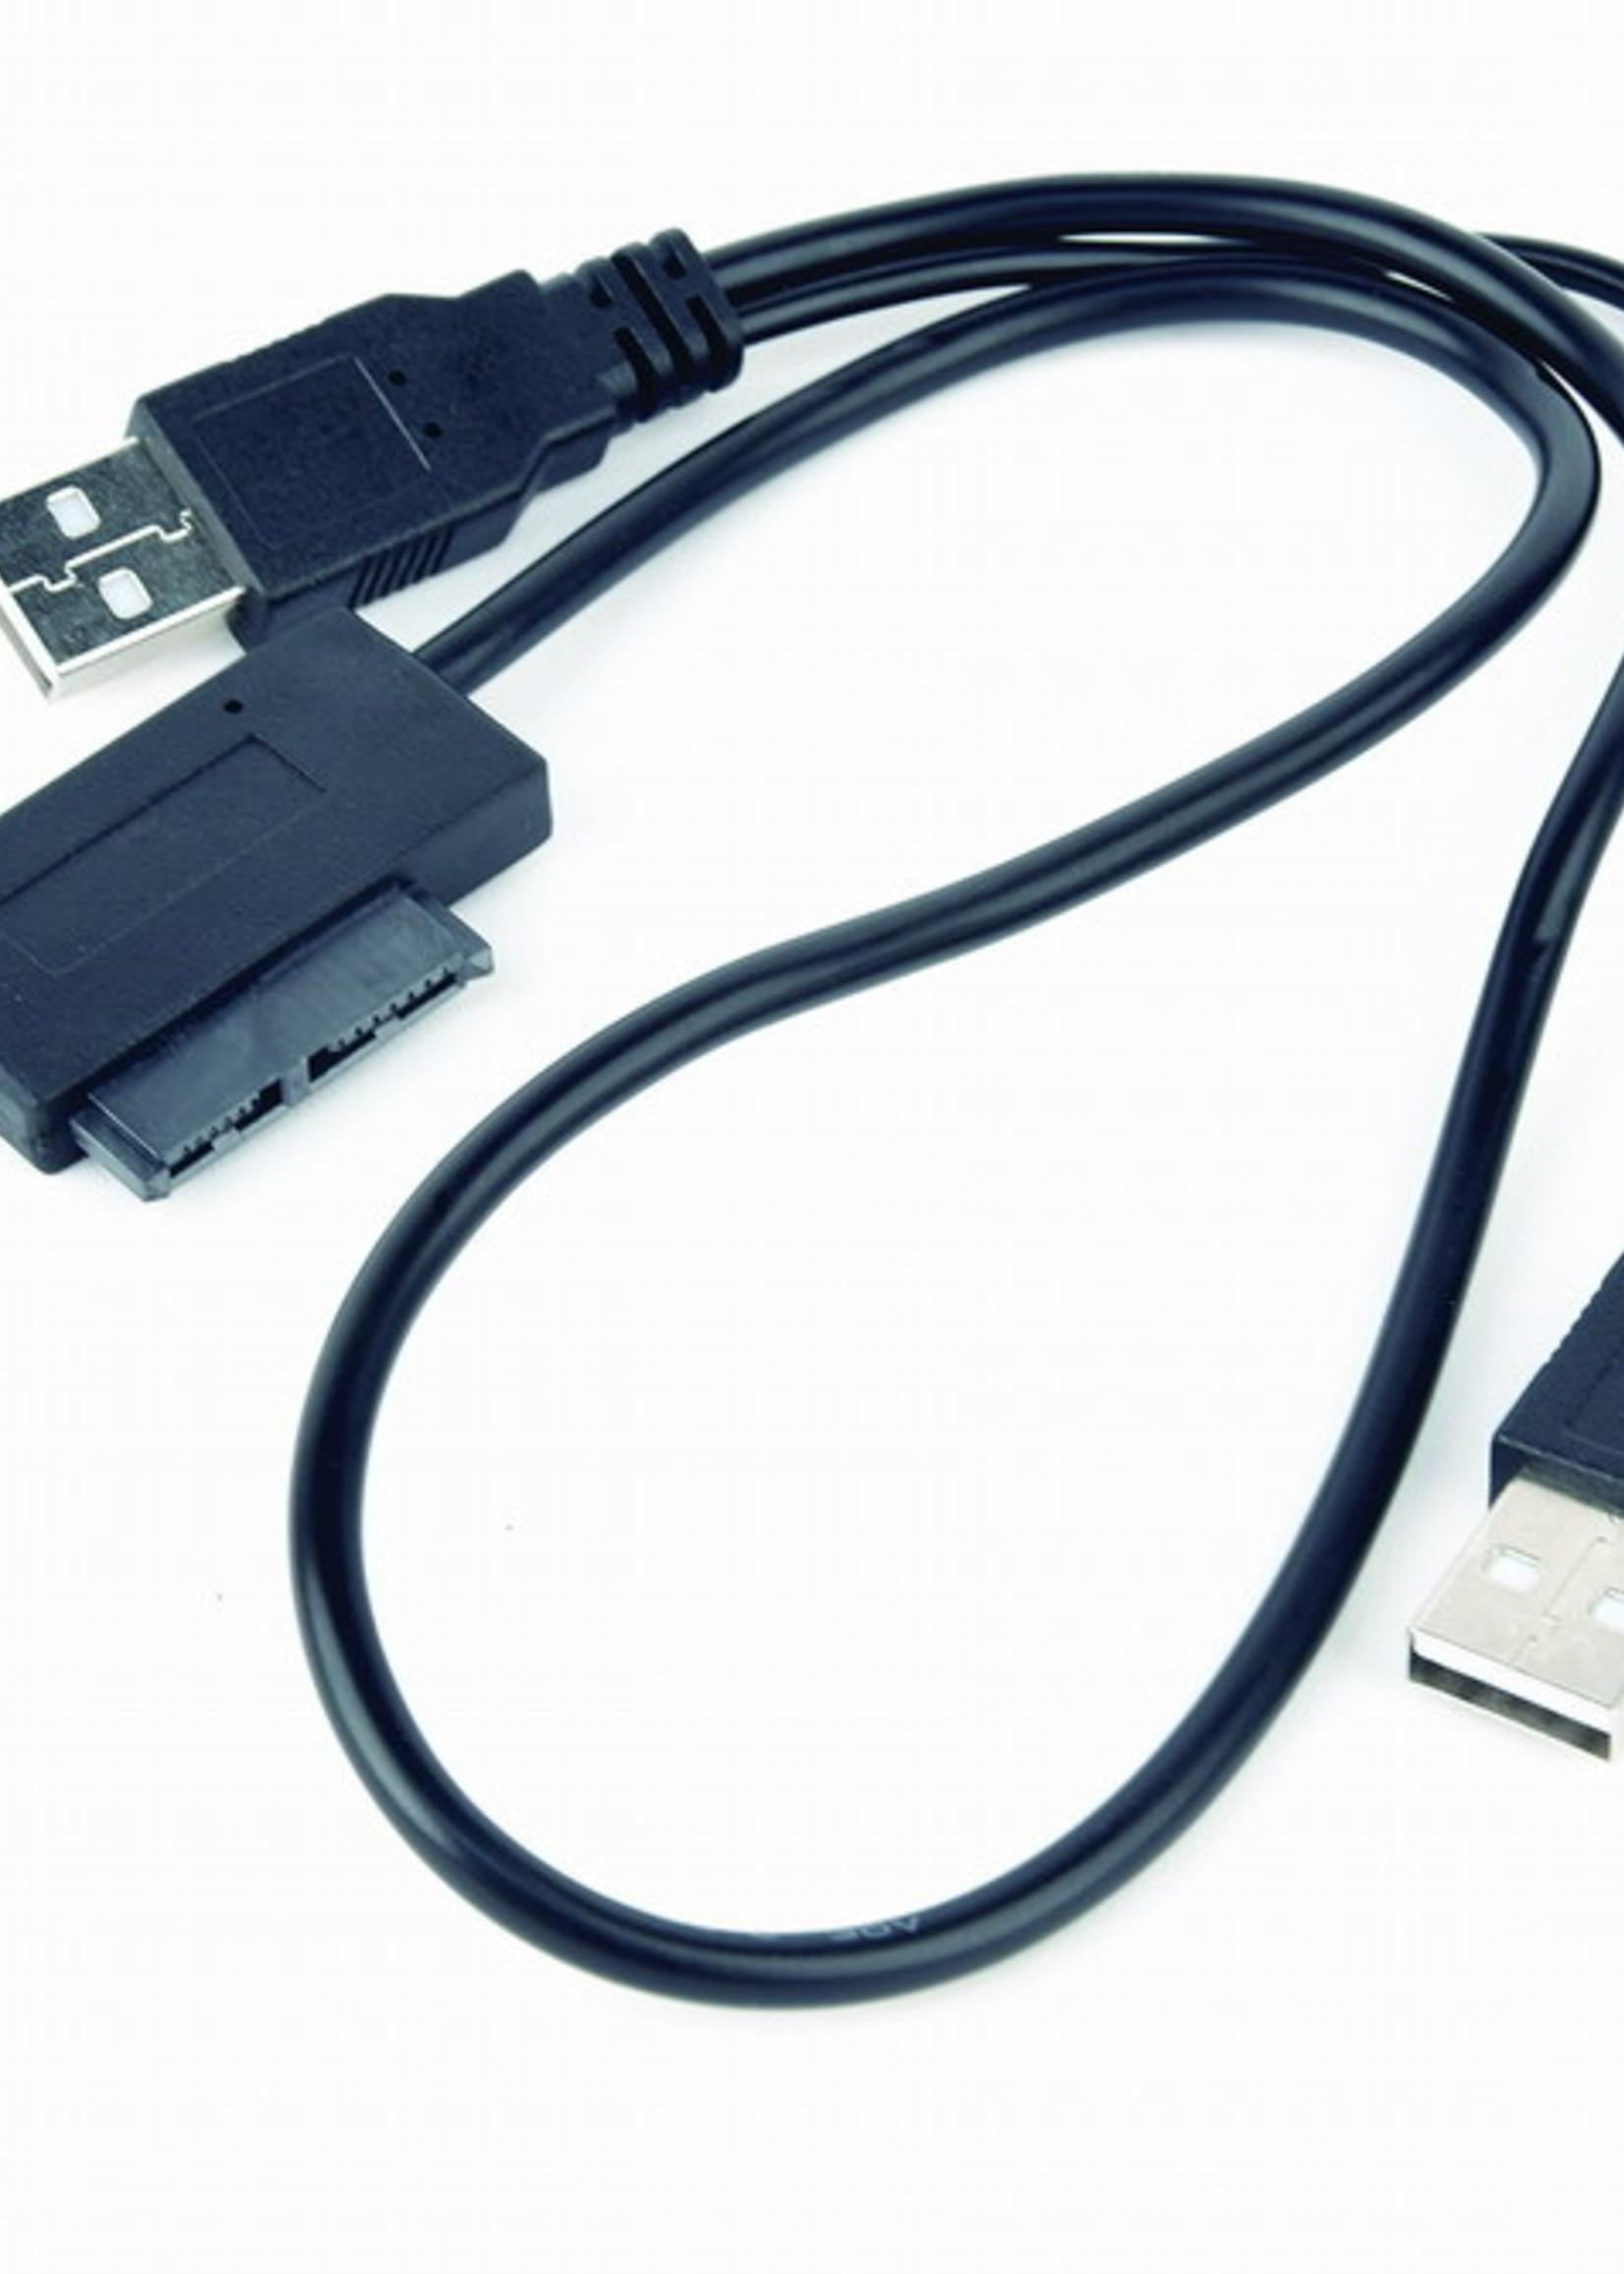 CableXpert Externe USB naar SATA adapter voor Slim SATA SSD of DVD